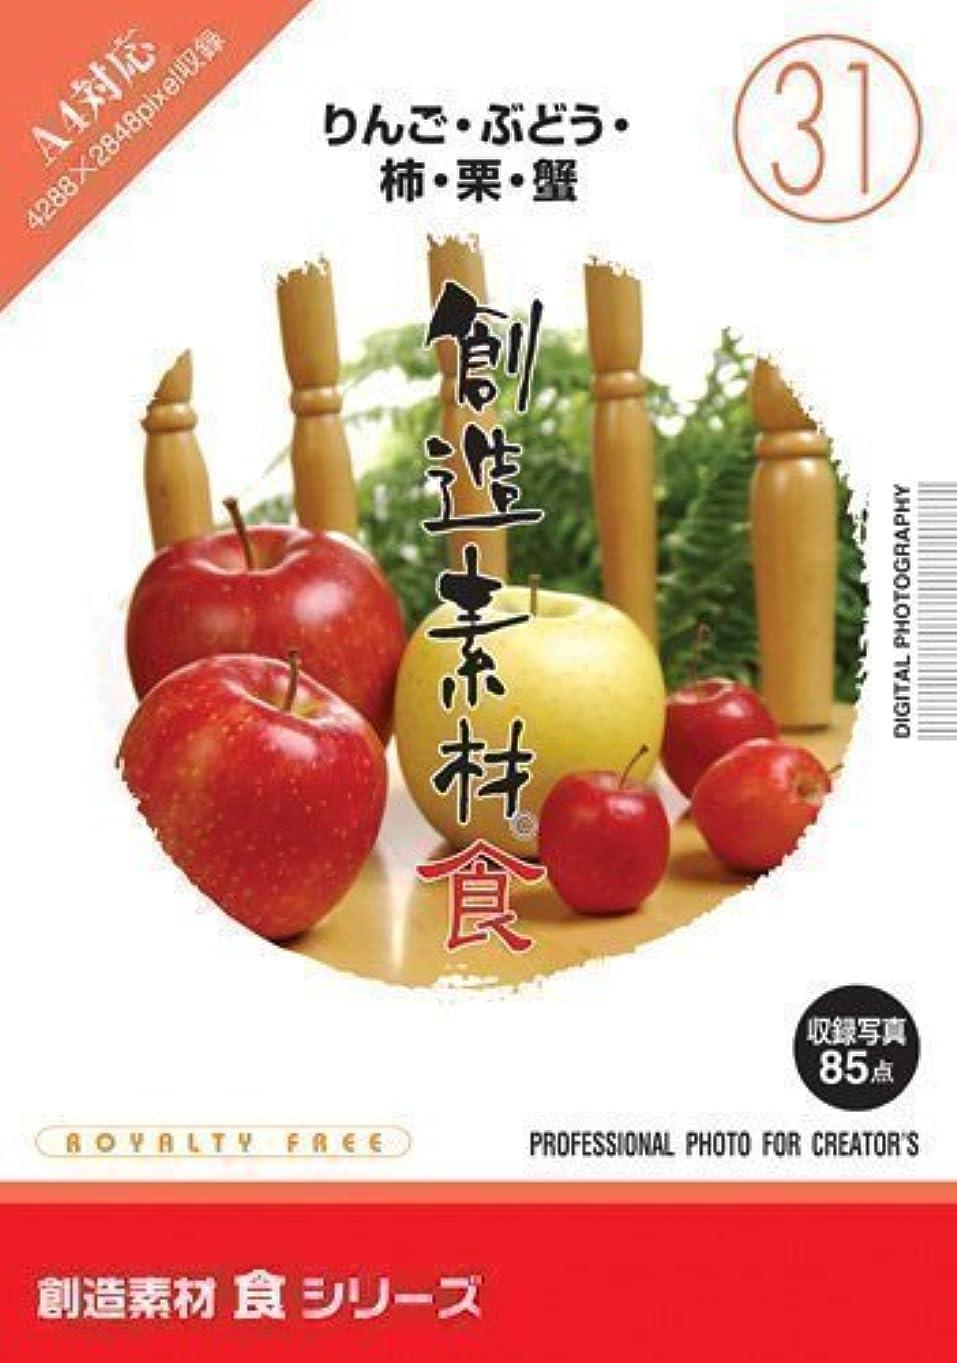 ドライブバイオリンあいさつ創造素材 食(31) りんご?ぶどう?柿?栗?蟹